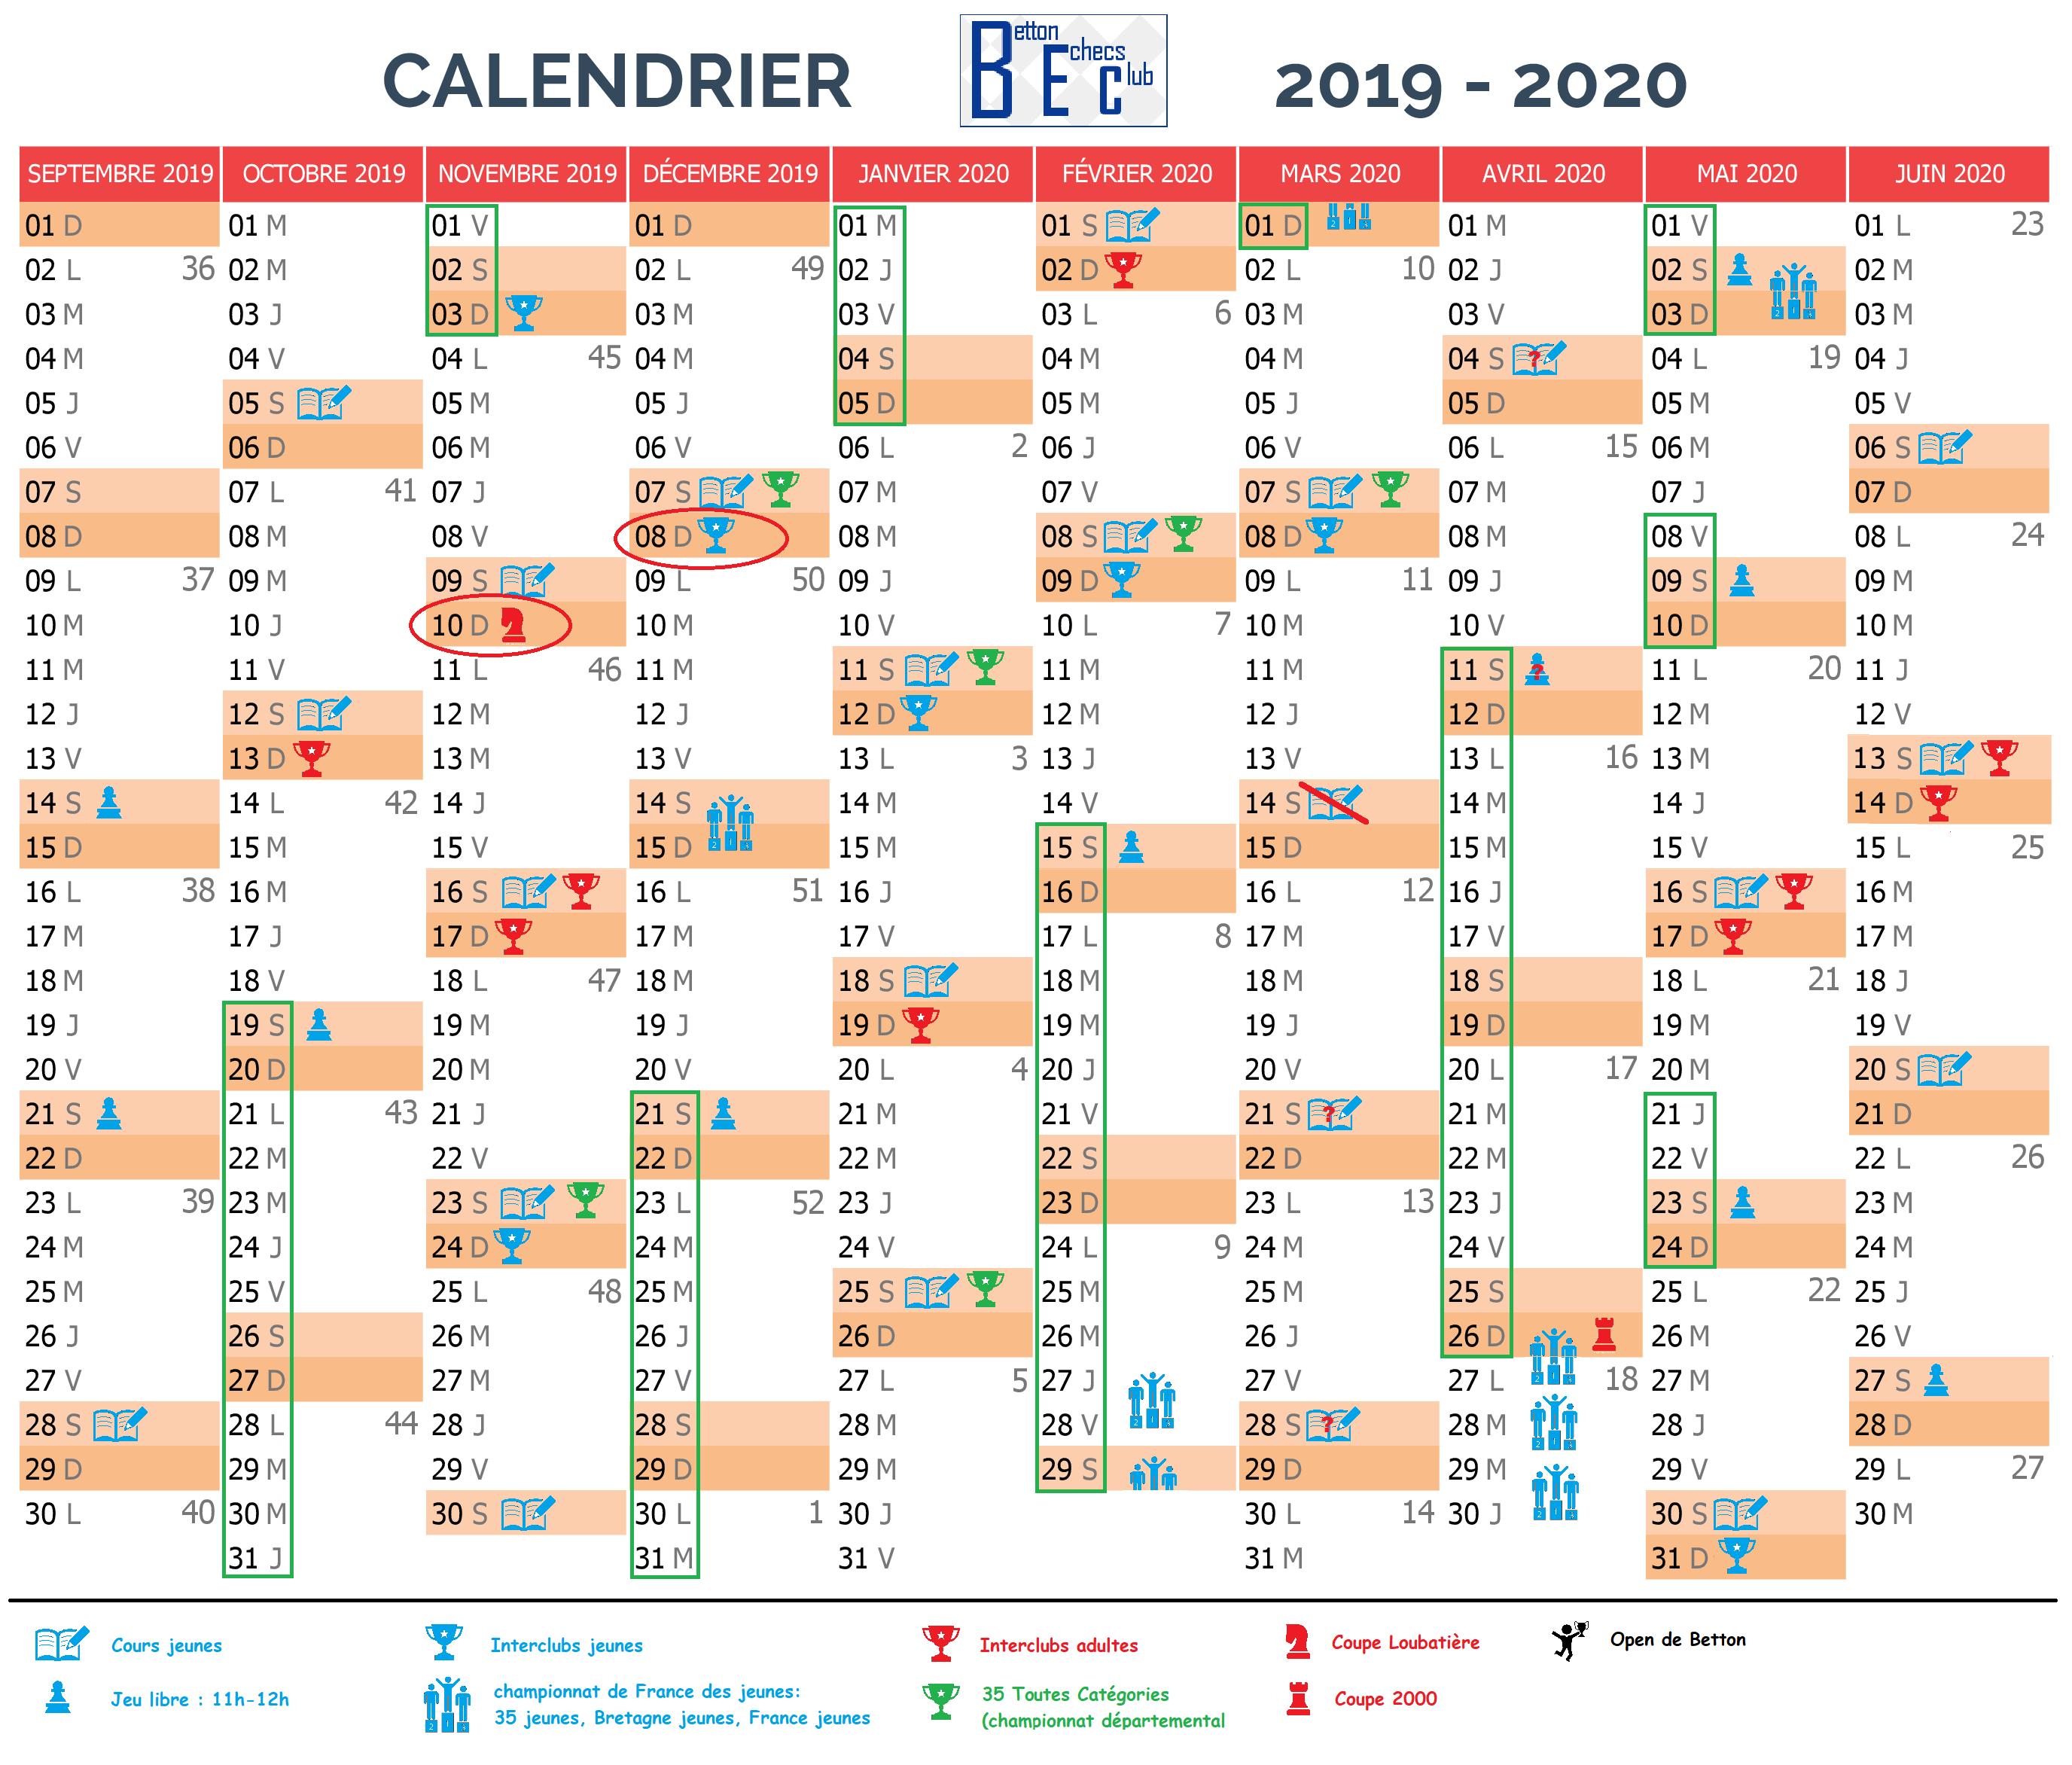 Calendrier actualisé le 13 mars 2020